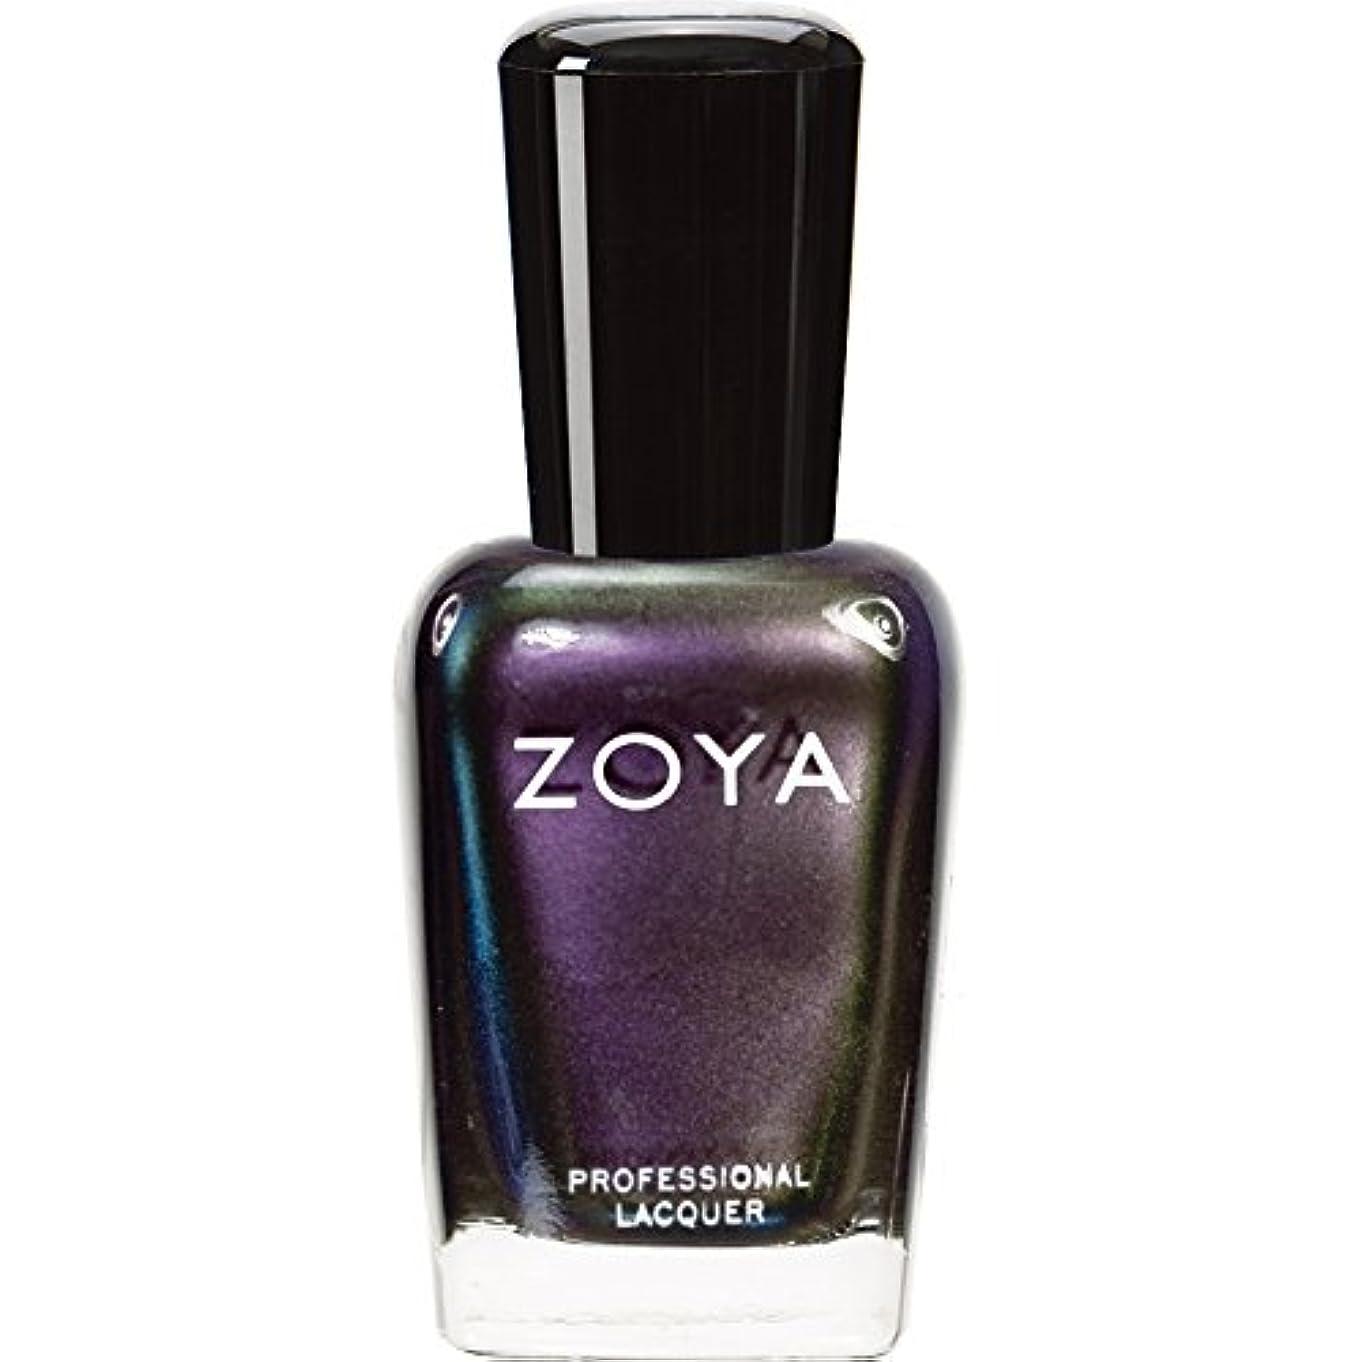 解き明かす受粉する有効なZOYA ゾーヤ ネイルカラー ZP283 KI キ 15ml 銀、青、緑に光る神秘的なパープル パール/メタリック 爪にやさしいネイルラッカーポリッシュ